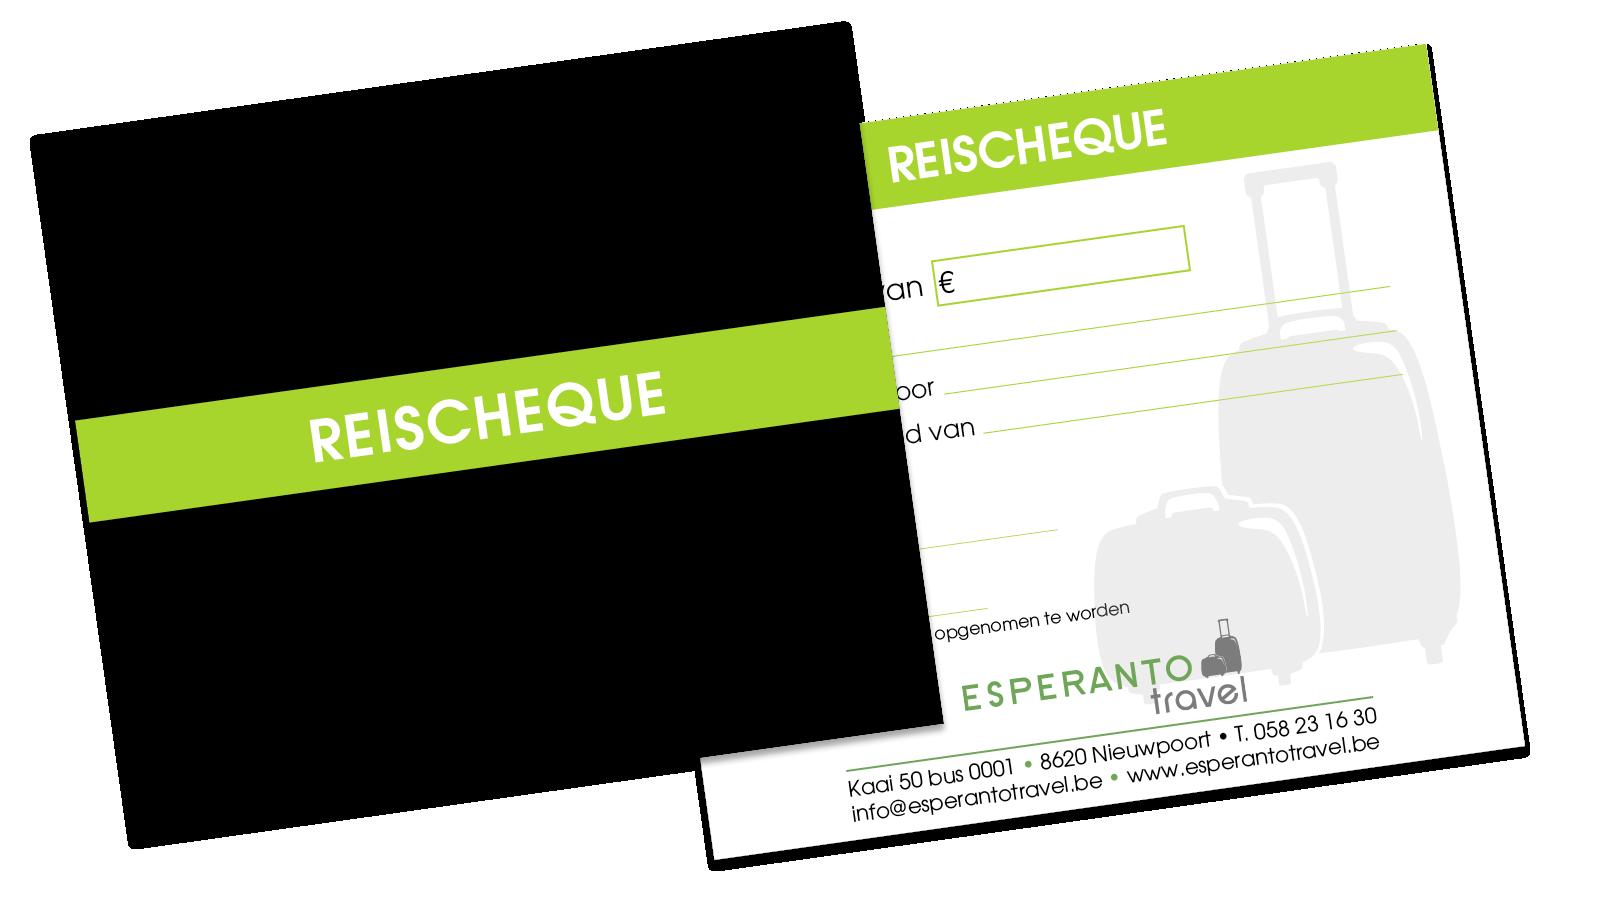 Onze reischeque is ideaal als cadeautip of cadeau idee | Esperanto Travel - Reisbureau Nieuwpoort